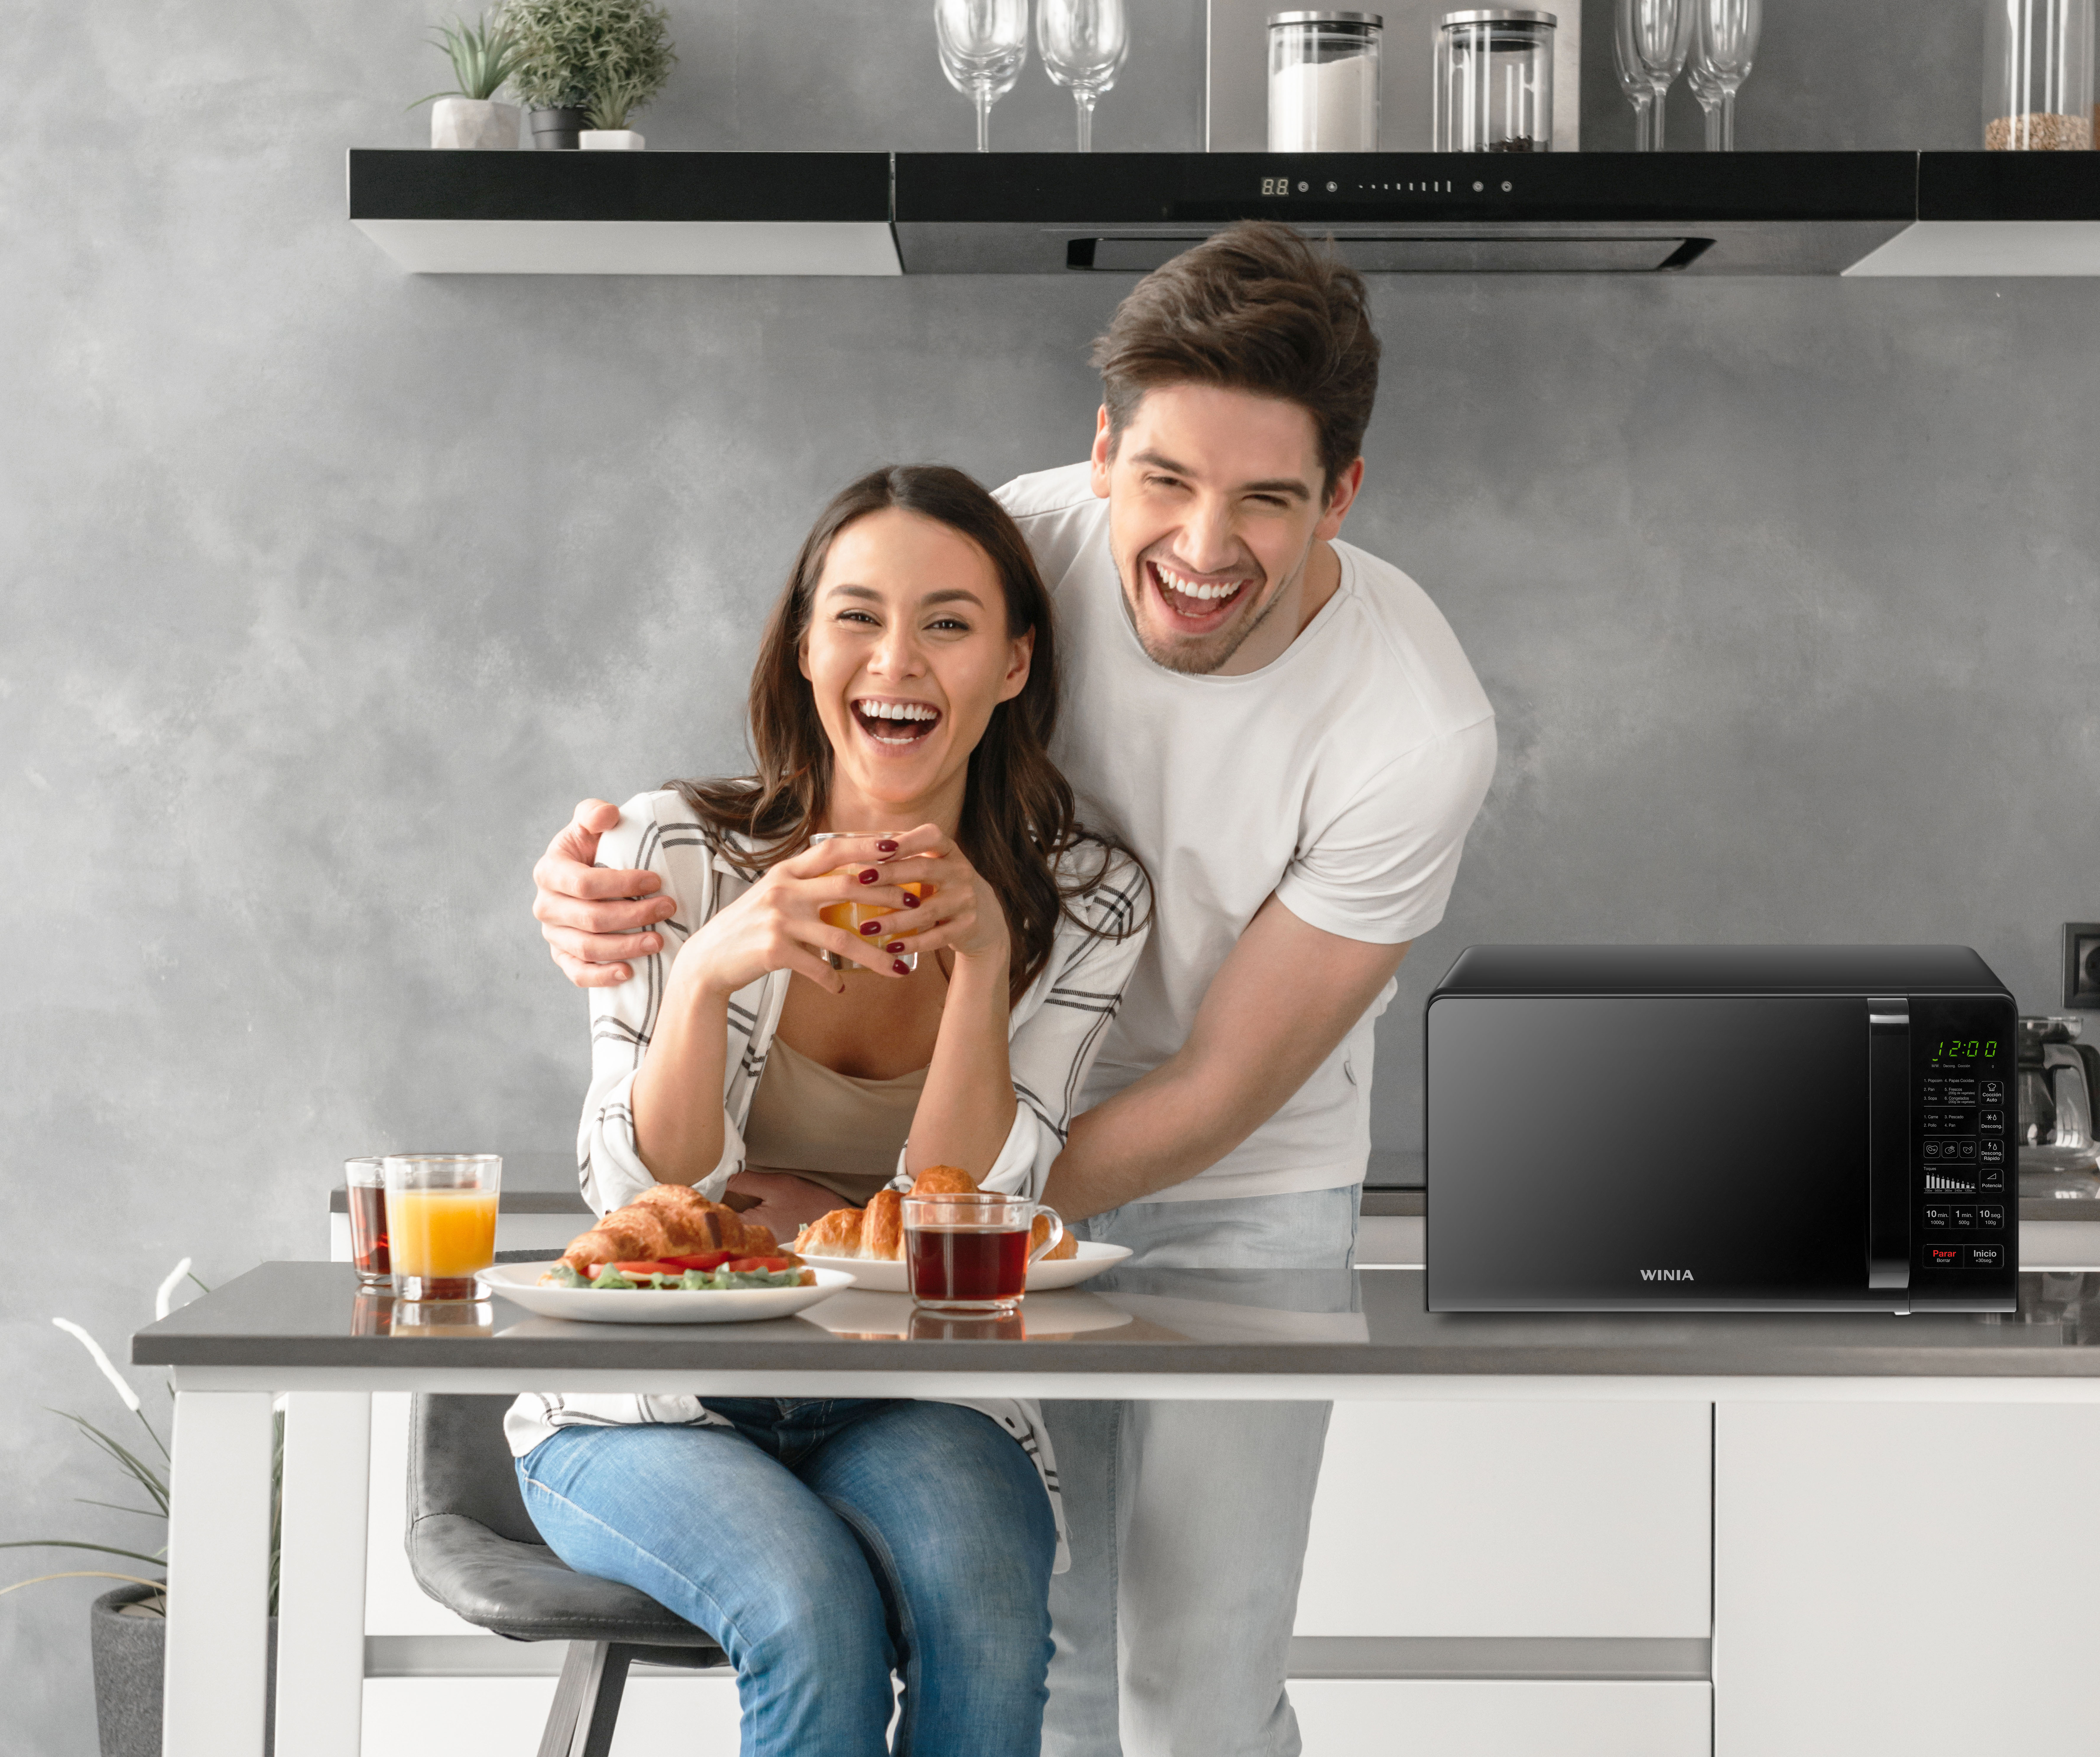 Cinco tips para elegir el microondas perfecto para tu cocina